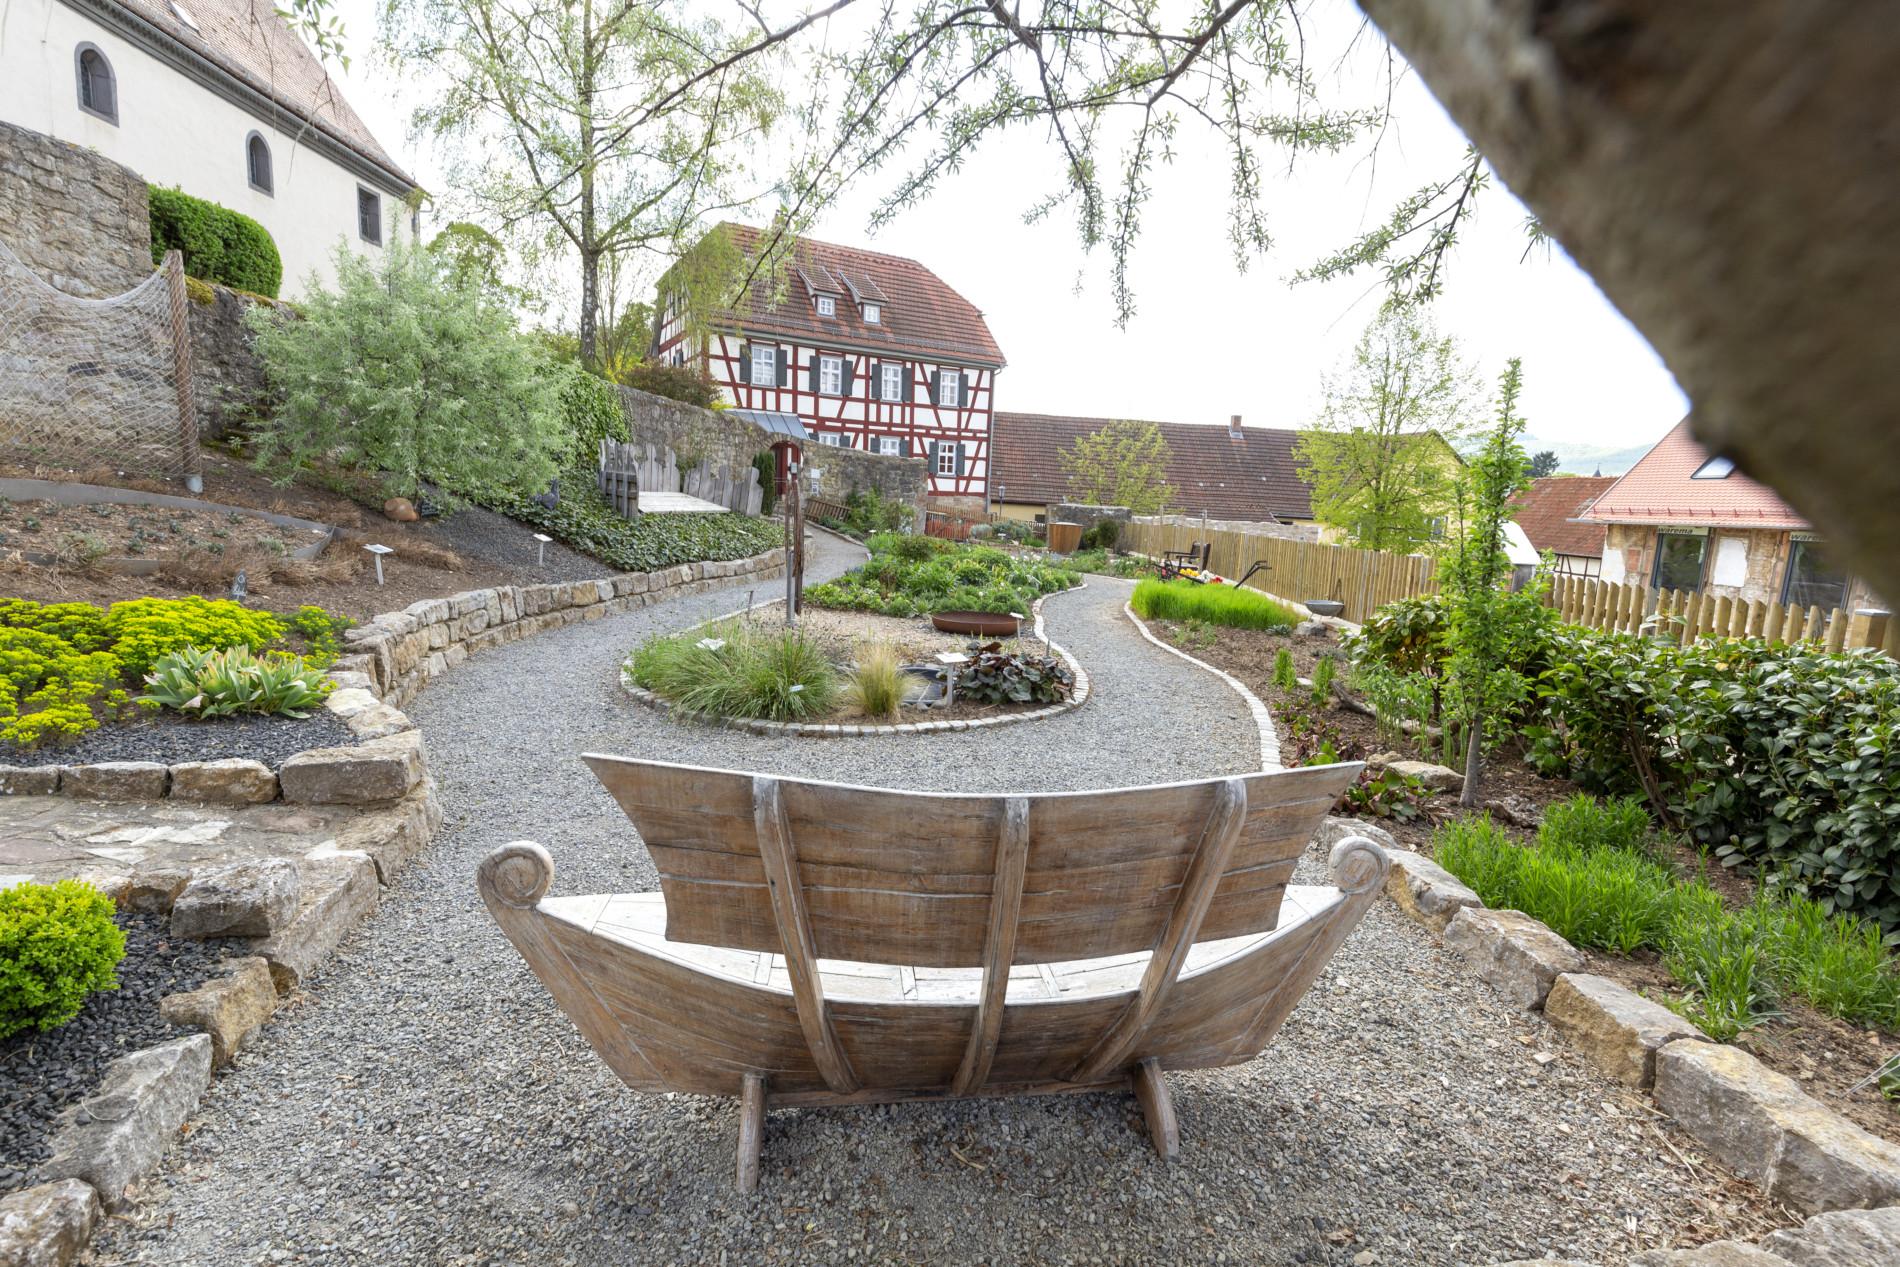 Eines der Höhepunkte in der Streutalallianz: der Bibelgarten in Sondheim v. d. Rhön (Foto: Leska Wunderwelt)